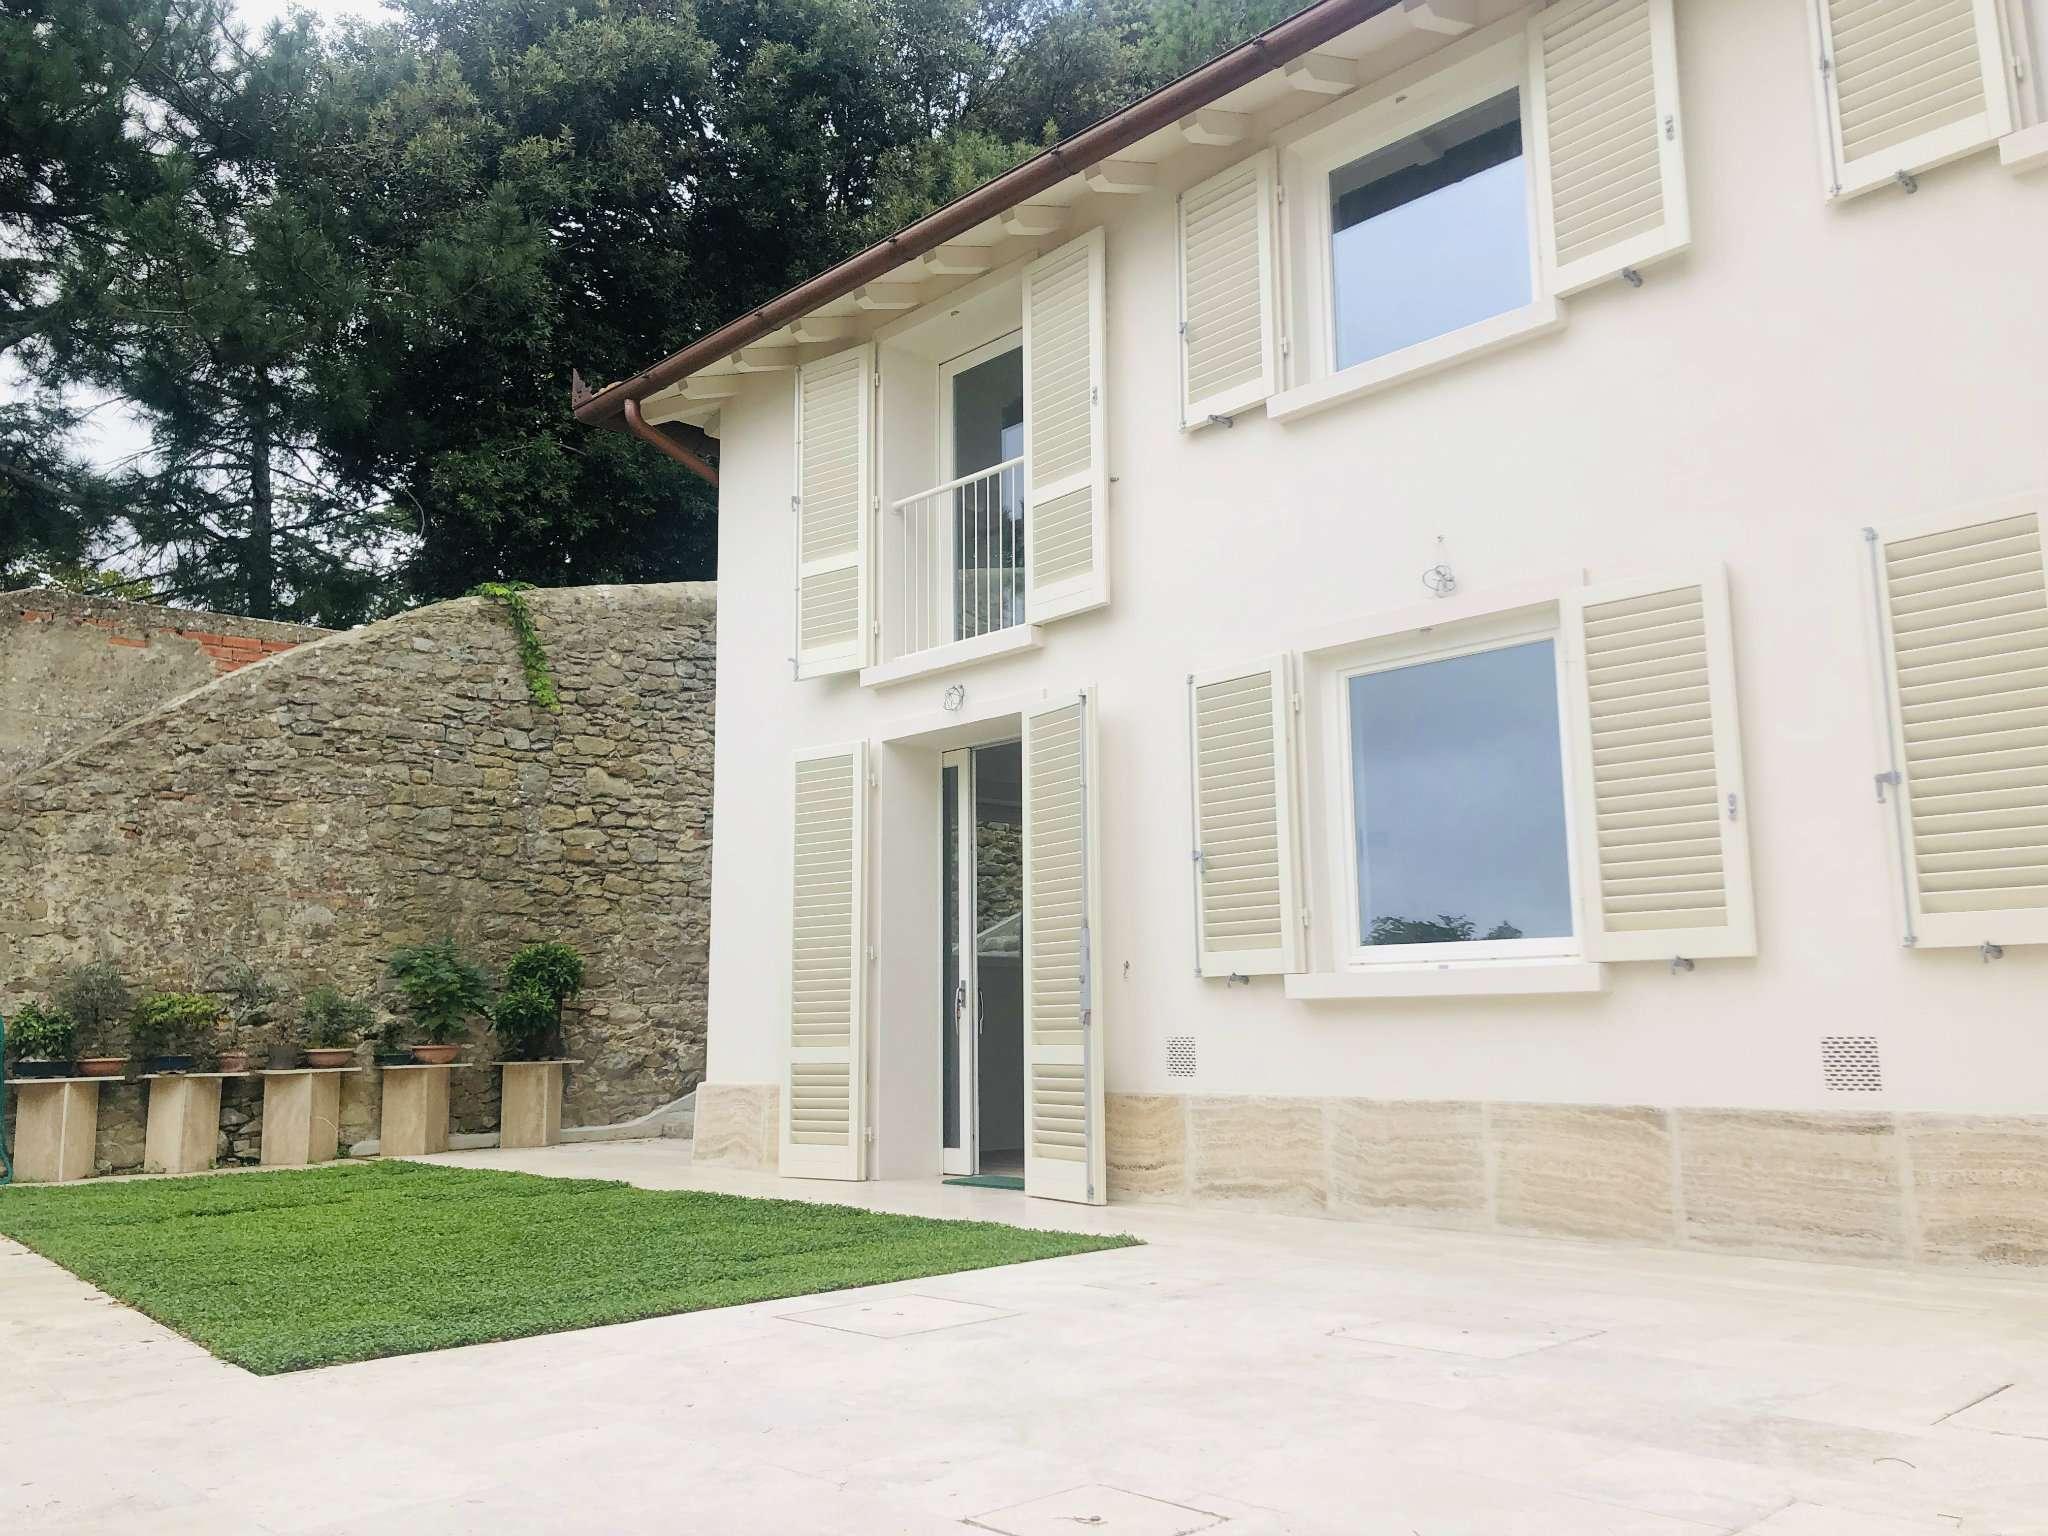 Casa indipendente in Vendita a Fiesole Centro: 4 locali, 123 mq